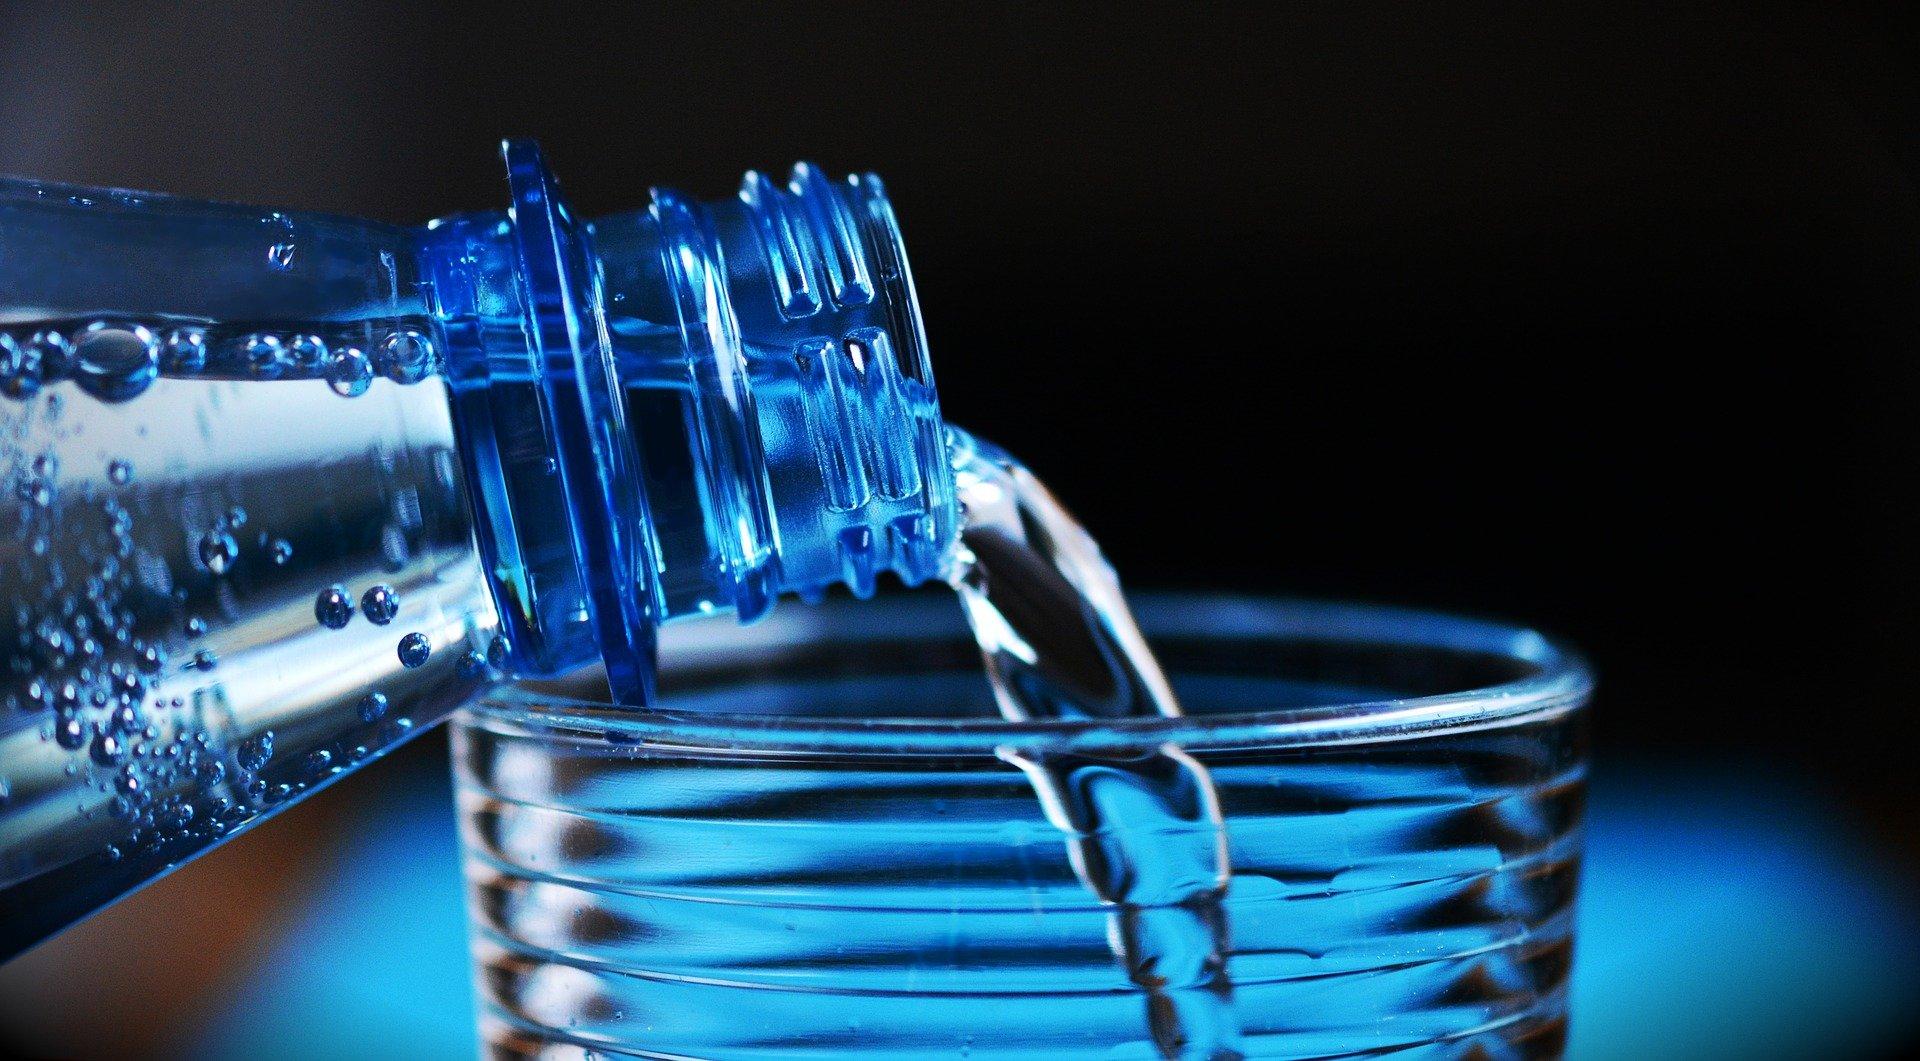 Sprudel, der in ein Wasserglas gegossen wird